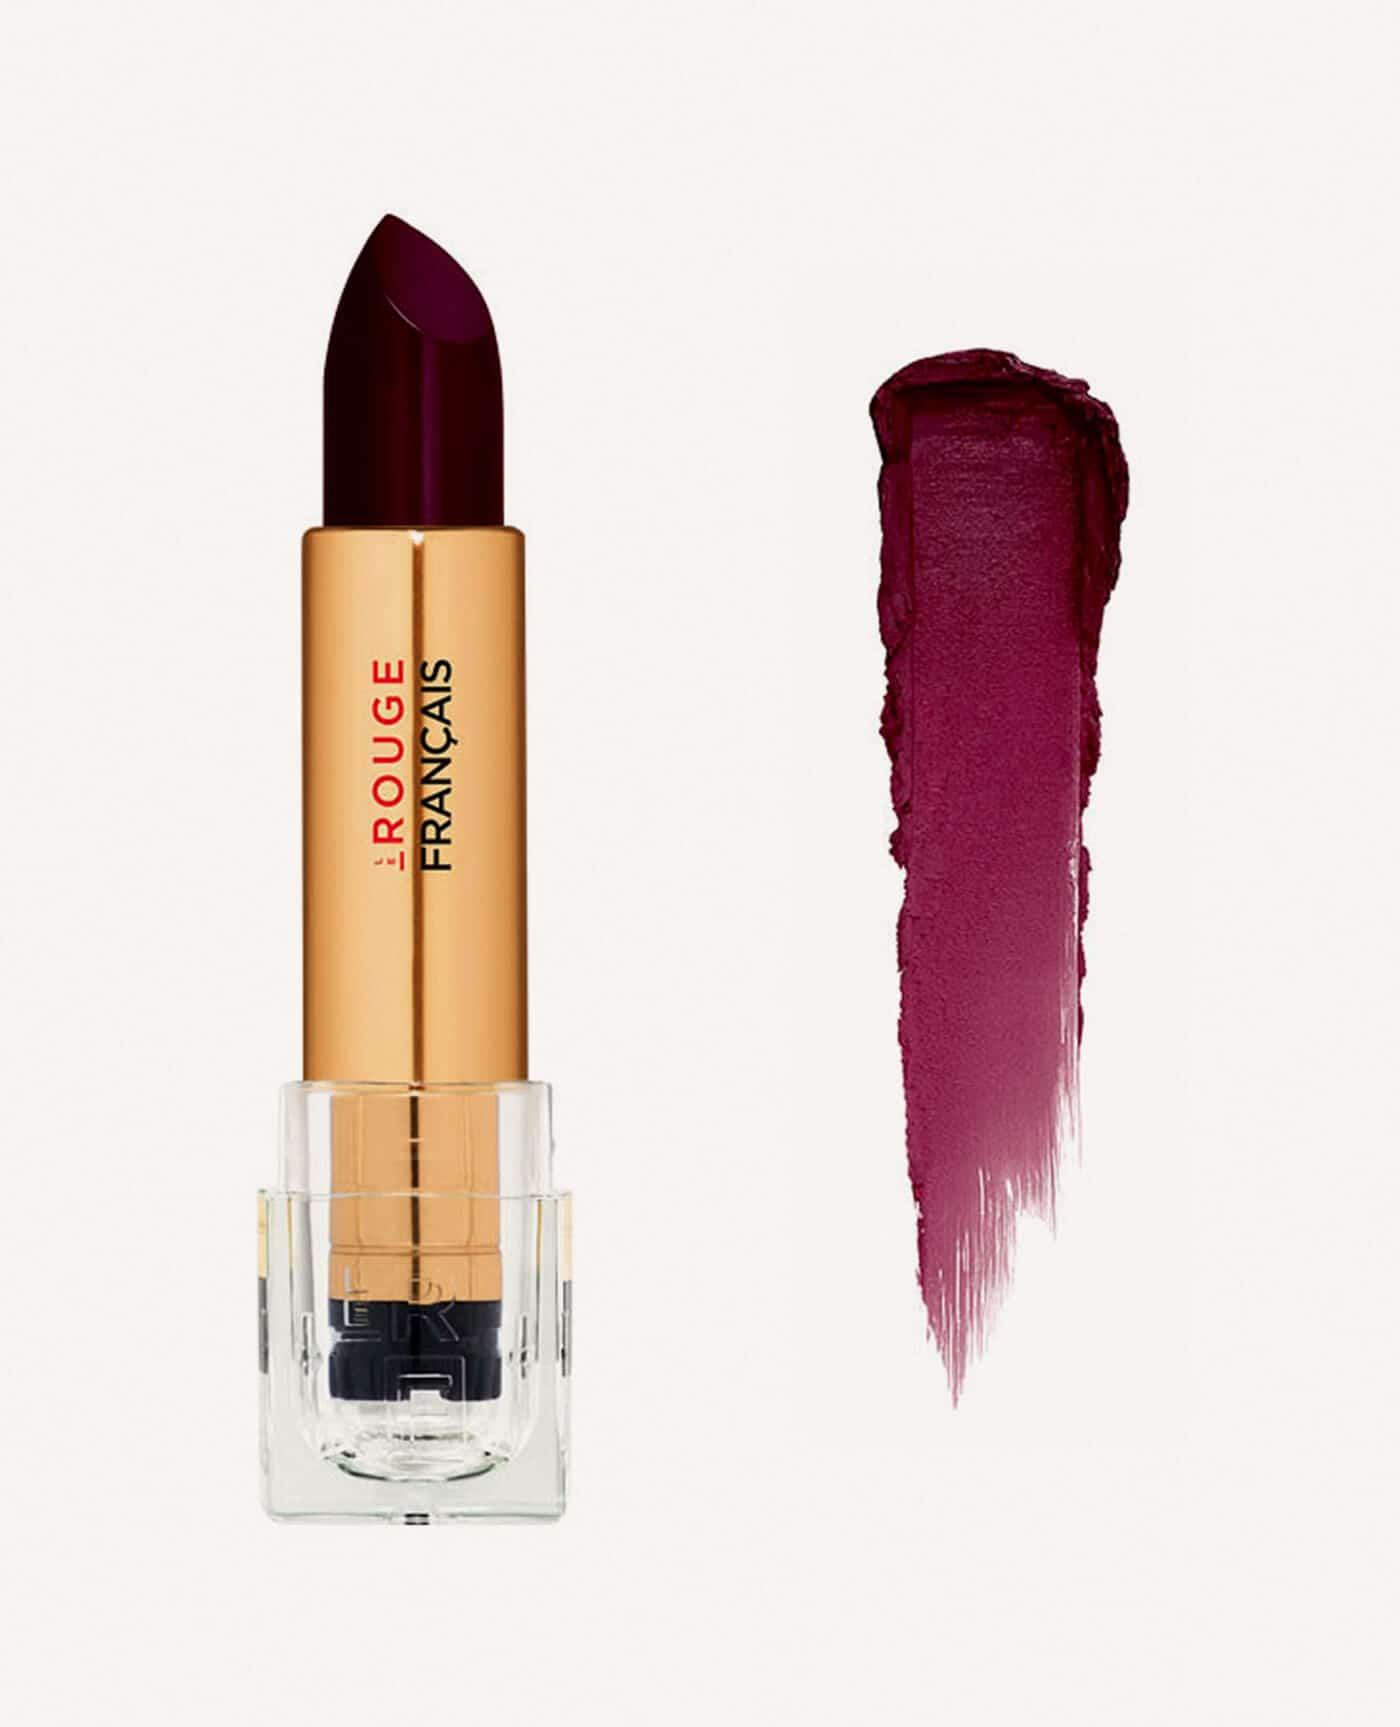 Rouge à lèvres rechargeable Braziline bio et vegan couleur bordeaux de la marque Le rouge Français Made in France